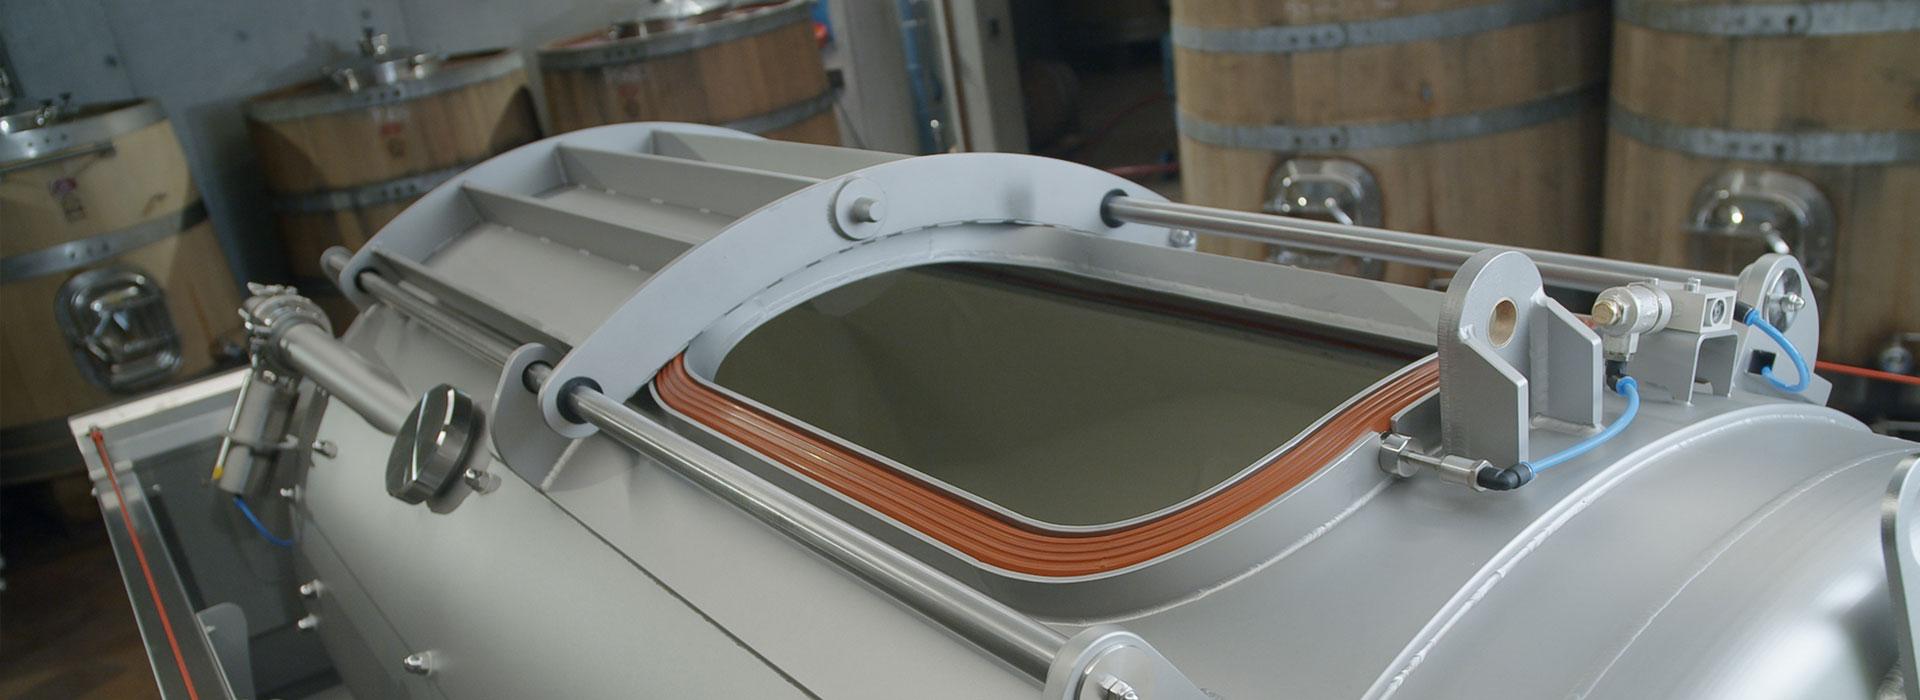 sraml-winemaking